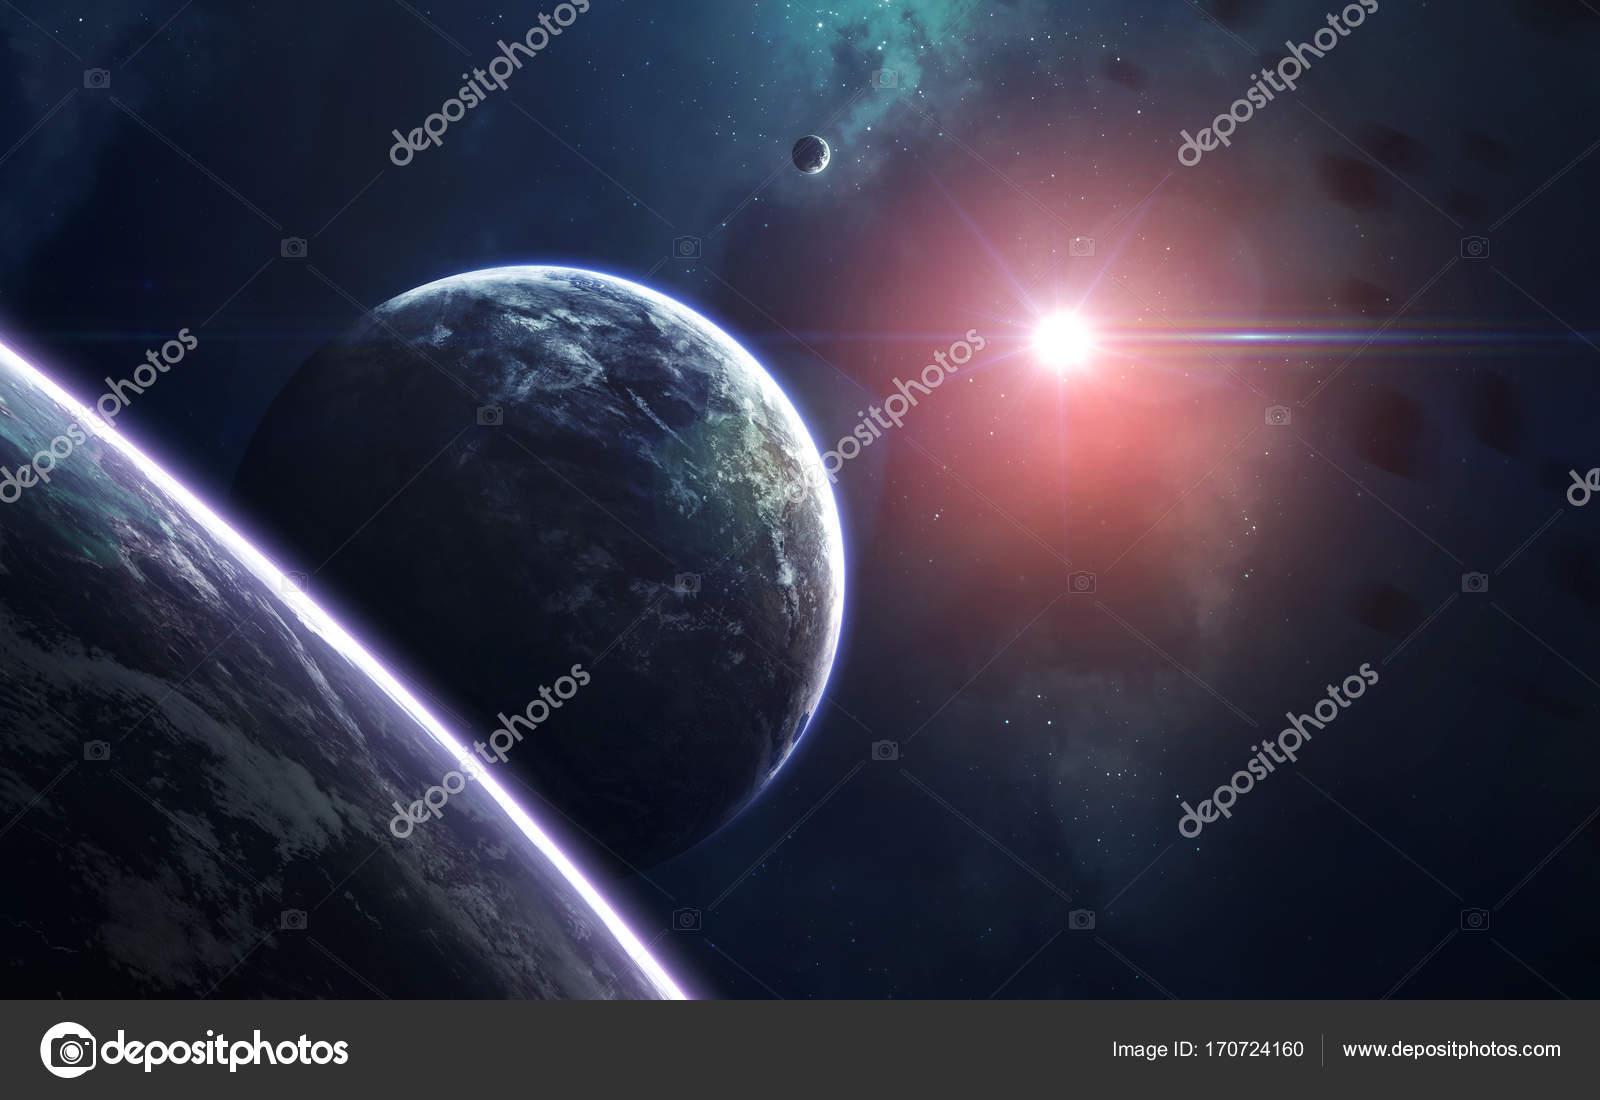 Papel De Parede Do Espa O Abstrato Universo Cheio De Estrelas  -> Imagens Do Universo Para Papel De Parede